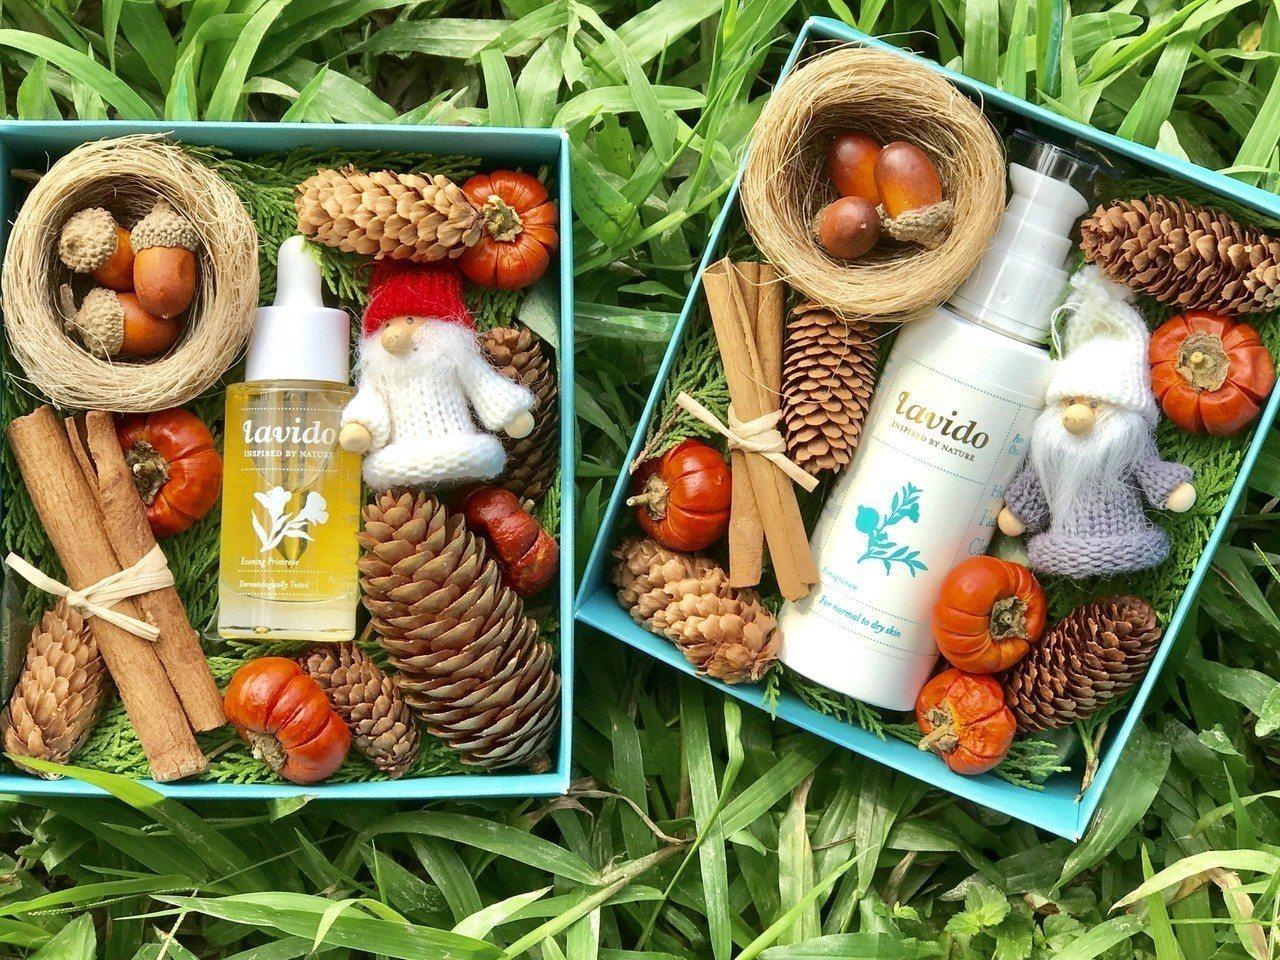 以色列lavido首次推出聖誕美妝禮盒,吹綠色環保風。 lavido/提供